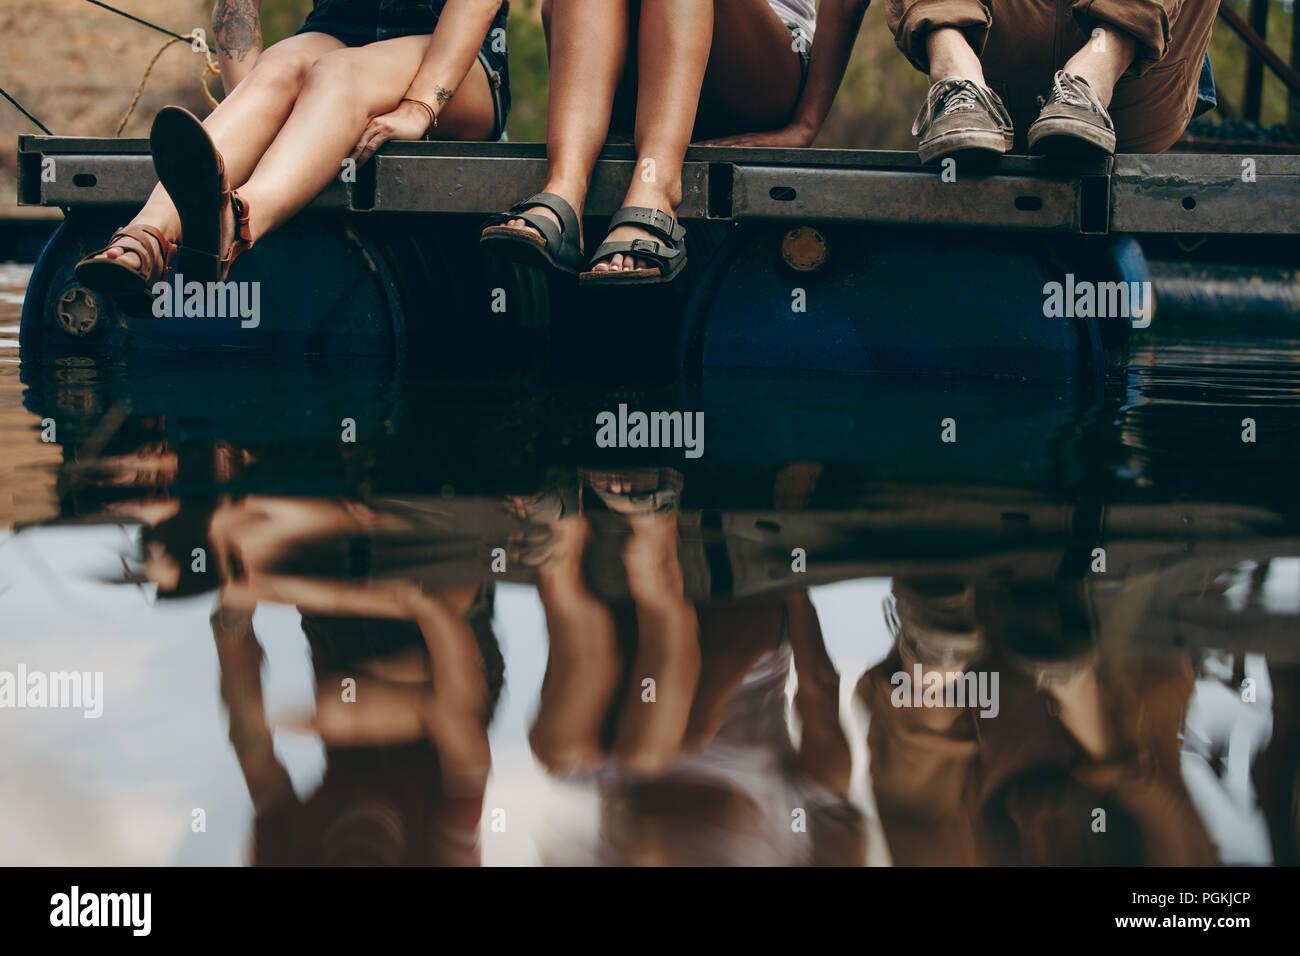 Les amis en vacances assis ensemble sur un quai flottant en plastique de barils. Amis assis près du lac avec leur reflet dans l'eau. Photo Stock